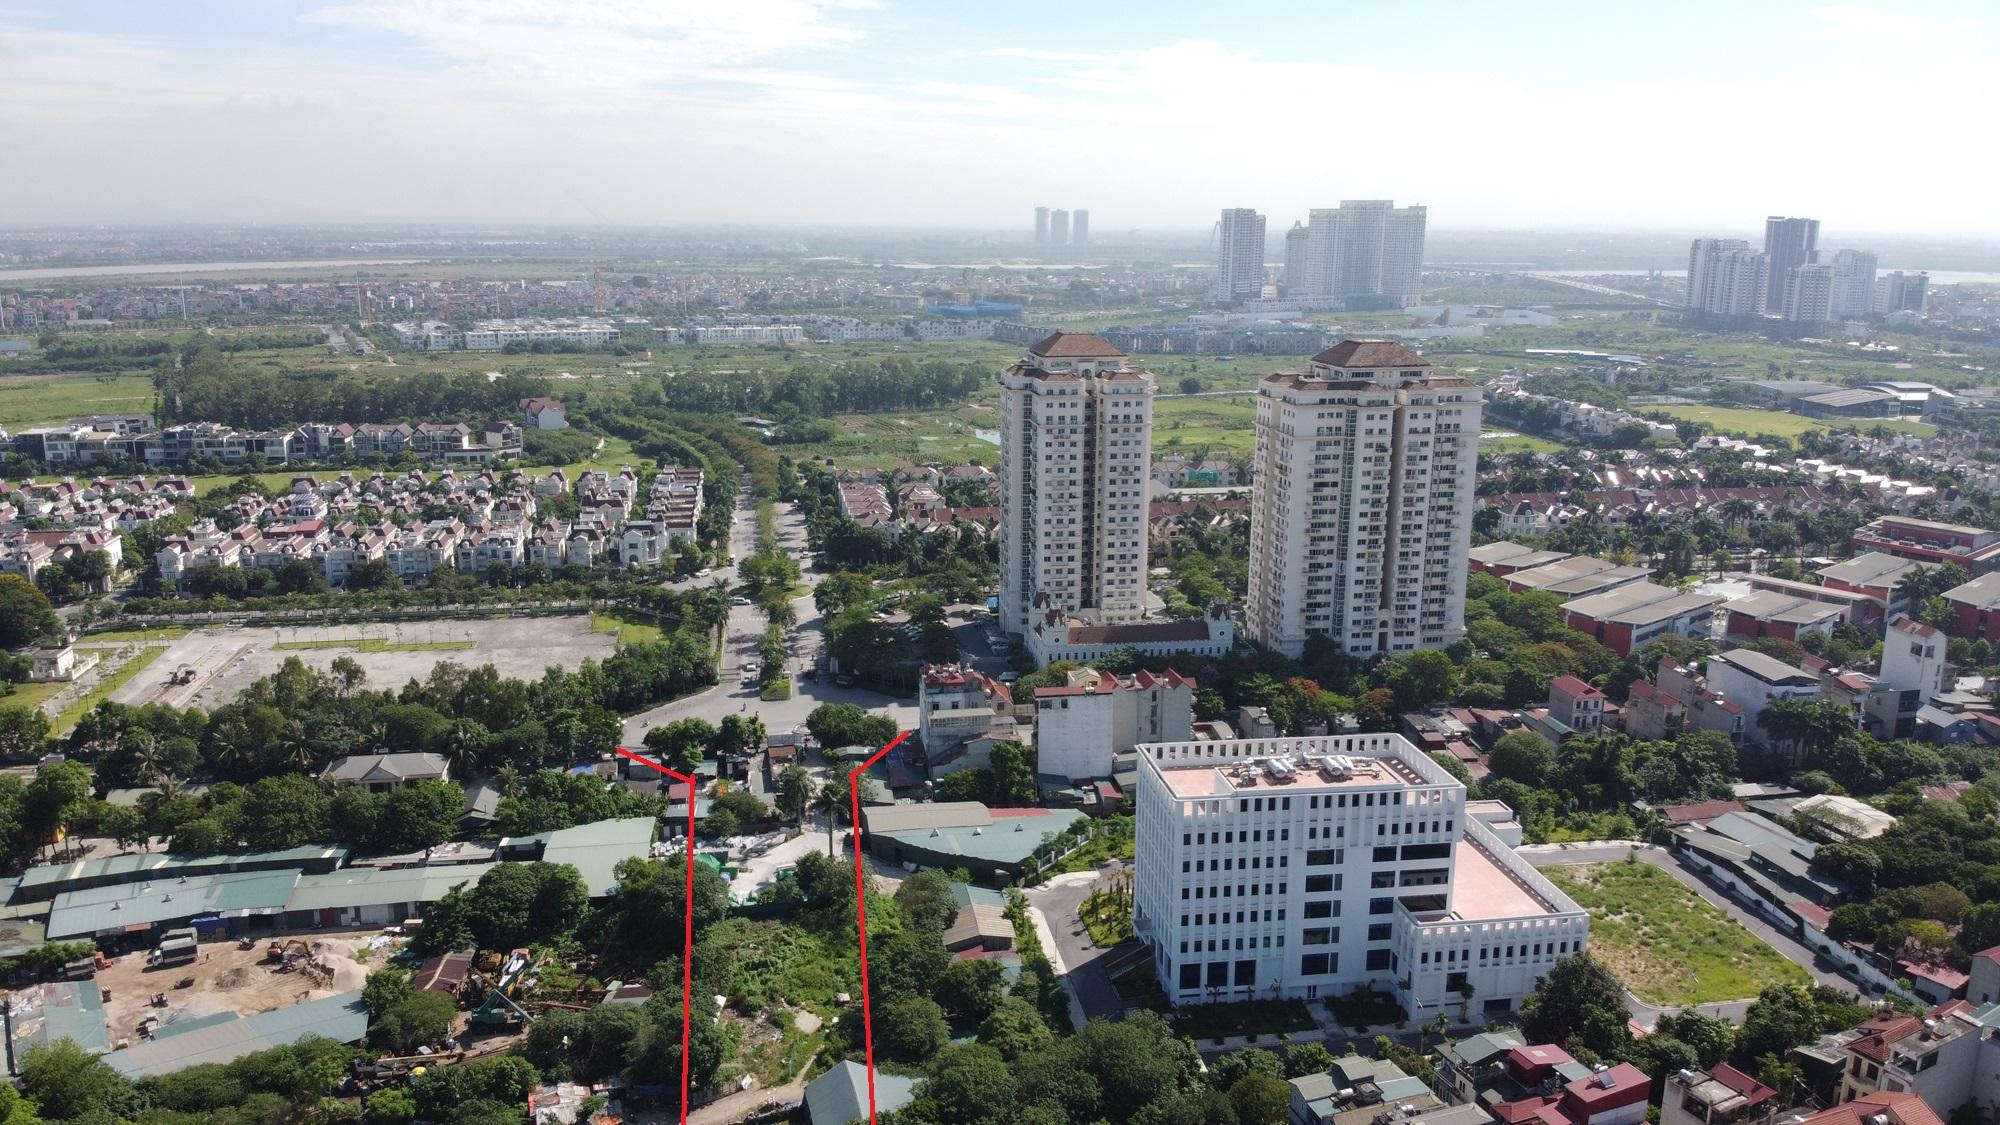 đường sẽ mở theo qui hoạch ở phường Xuân Tảo, Bắc Từ Liêm, Hà Nội - Ảnh 5.